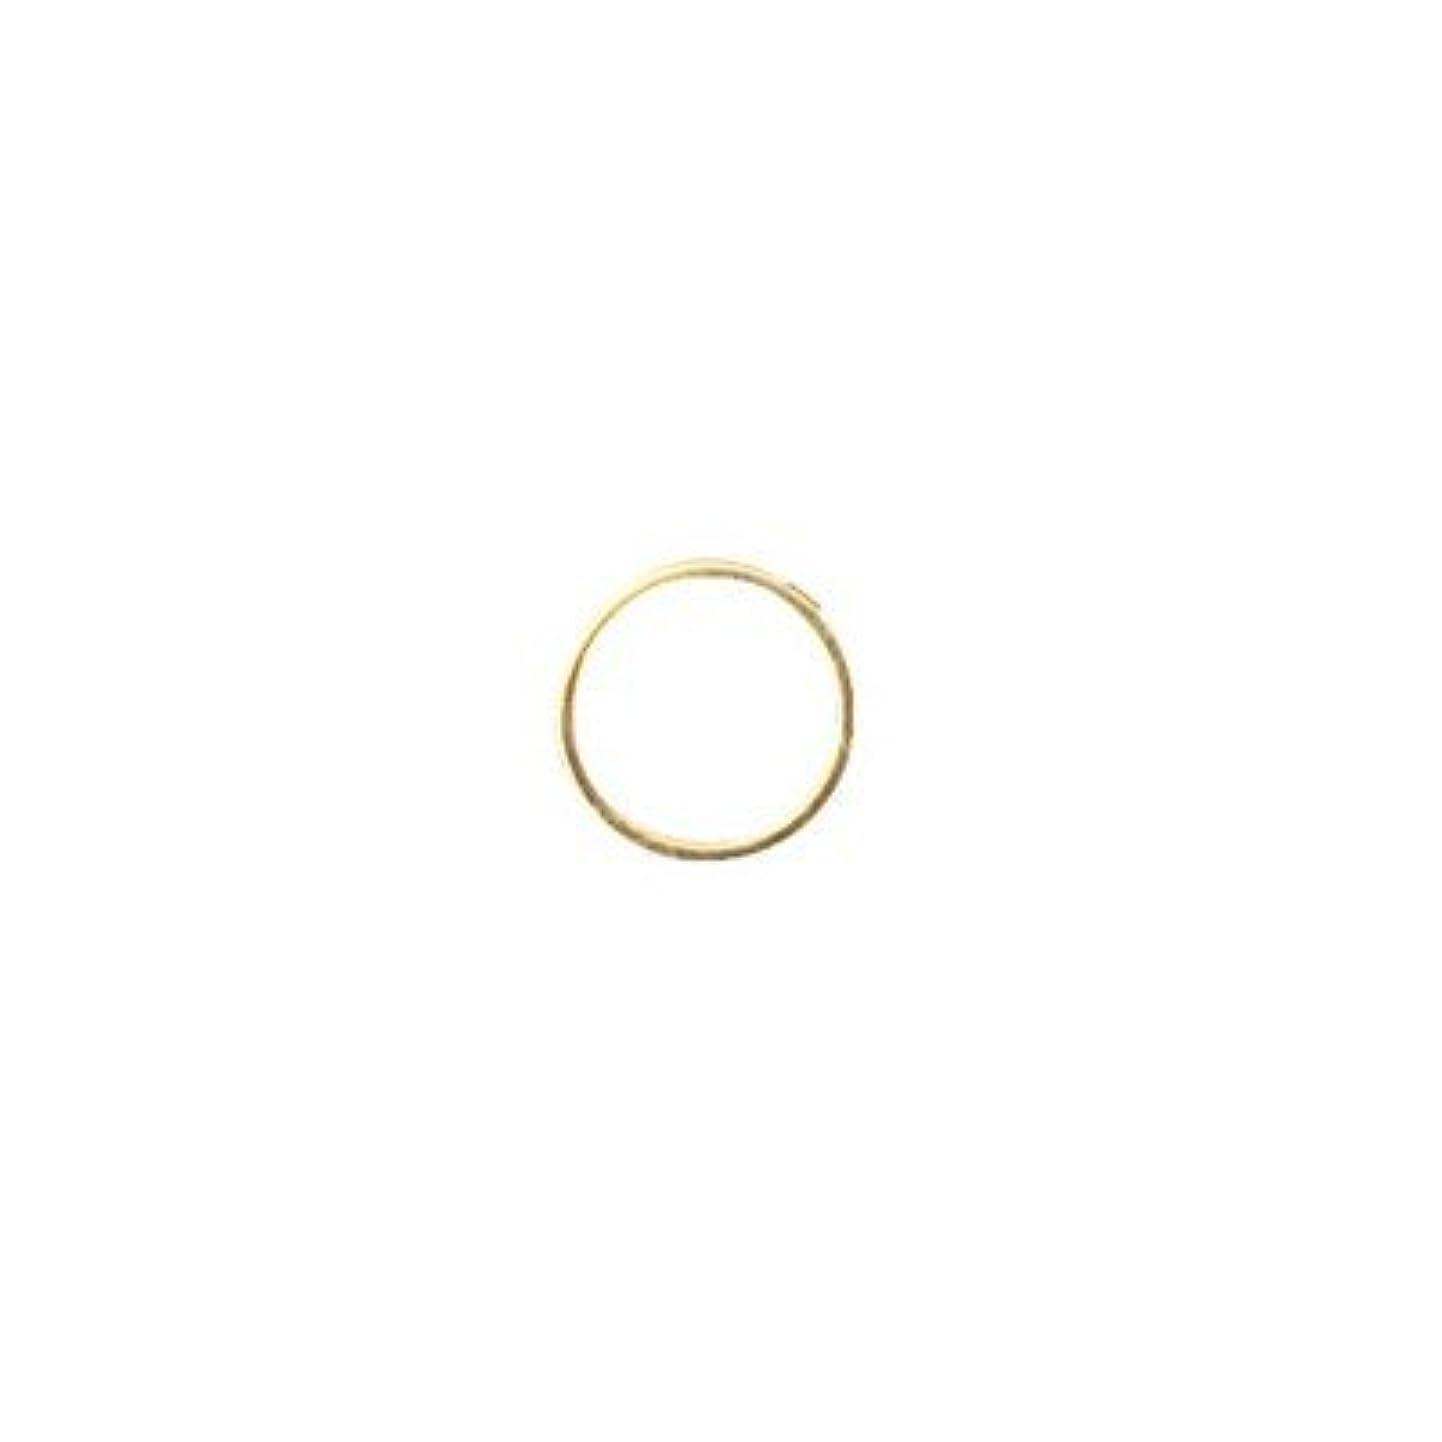 香水謙虚むちゃくちゃシャレドワミュゼ BLC ブローチ ラウンド 5×5mm ゴールド 10p